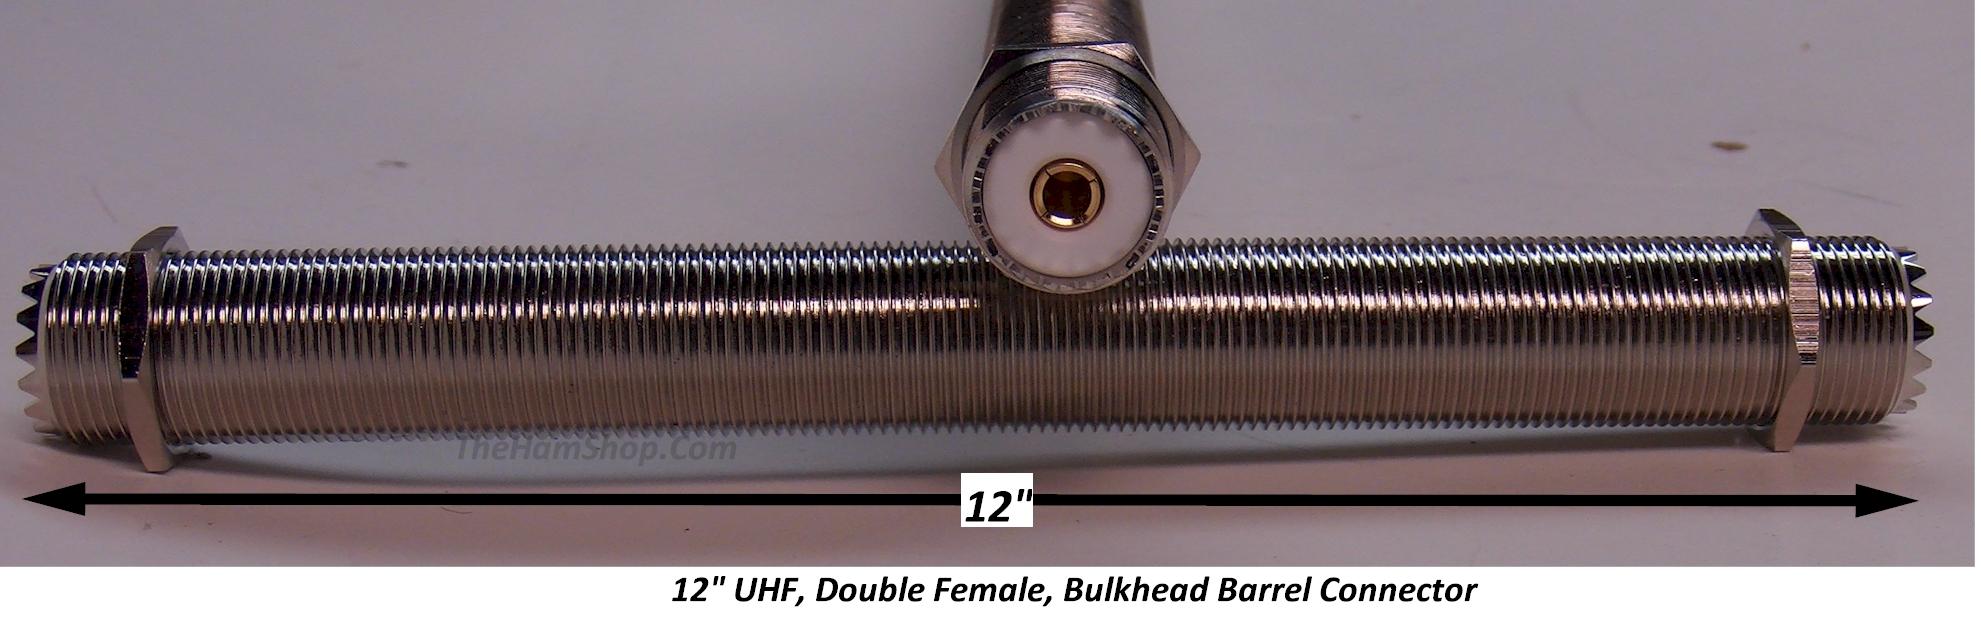 """5 UHF DOUBLE FEMALE BULKHEAD BARREL CONNECTORS 1.75/"""" LONG FOR PL-259 CONNECTORS"""